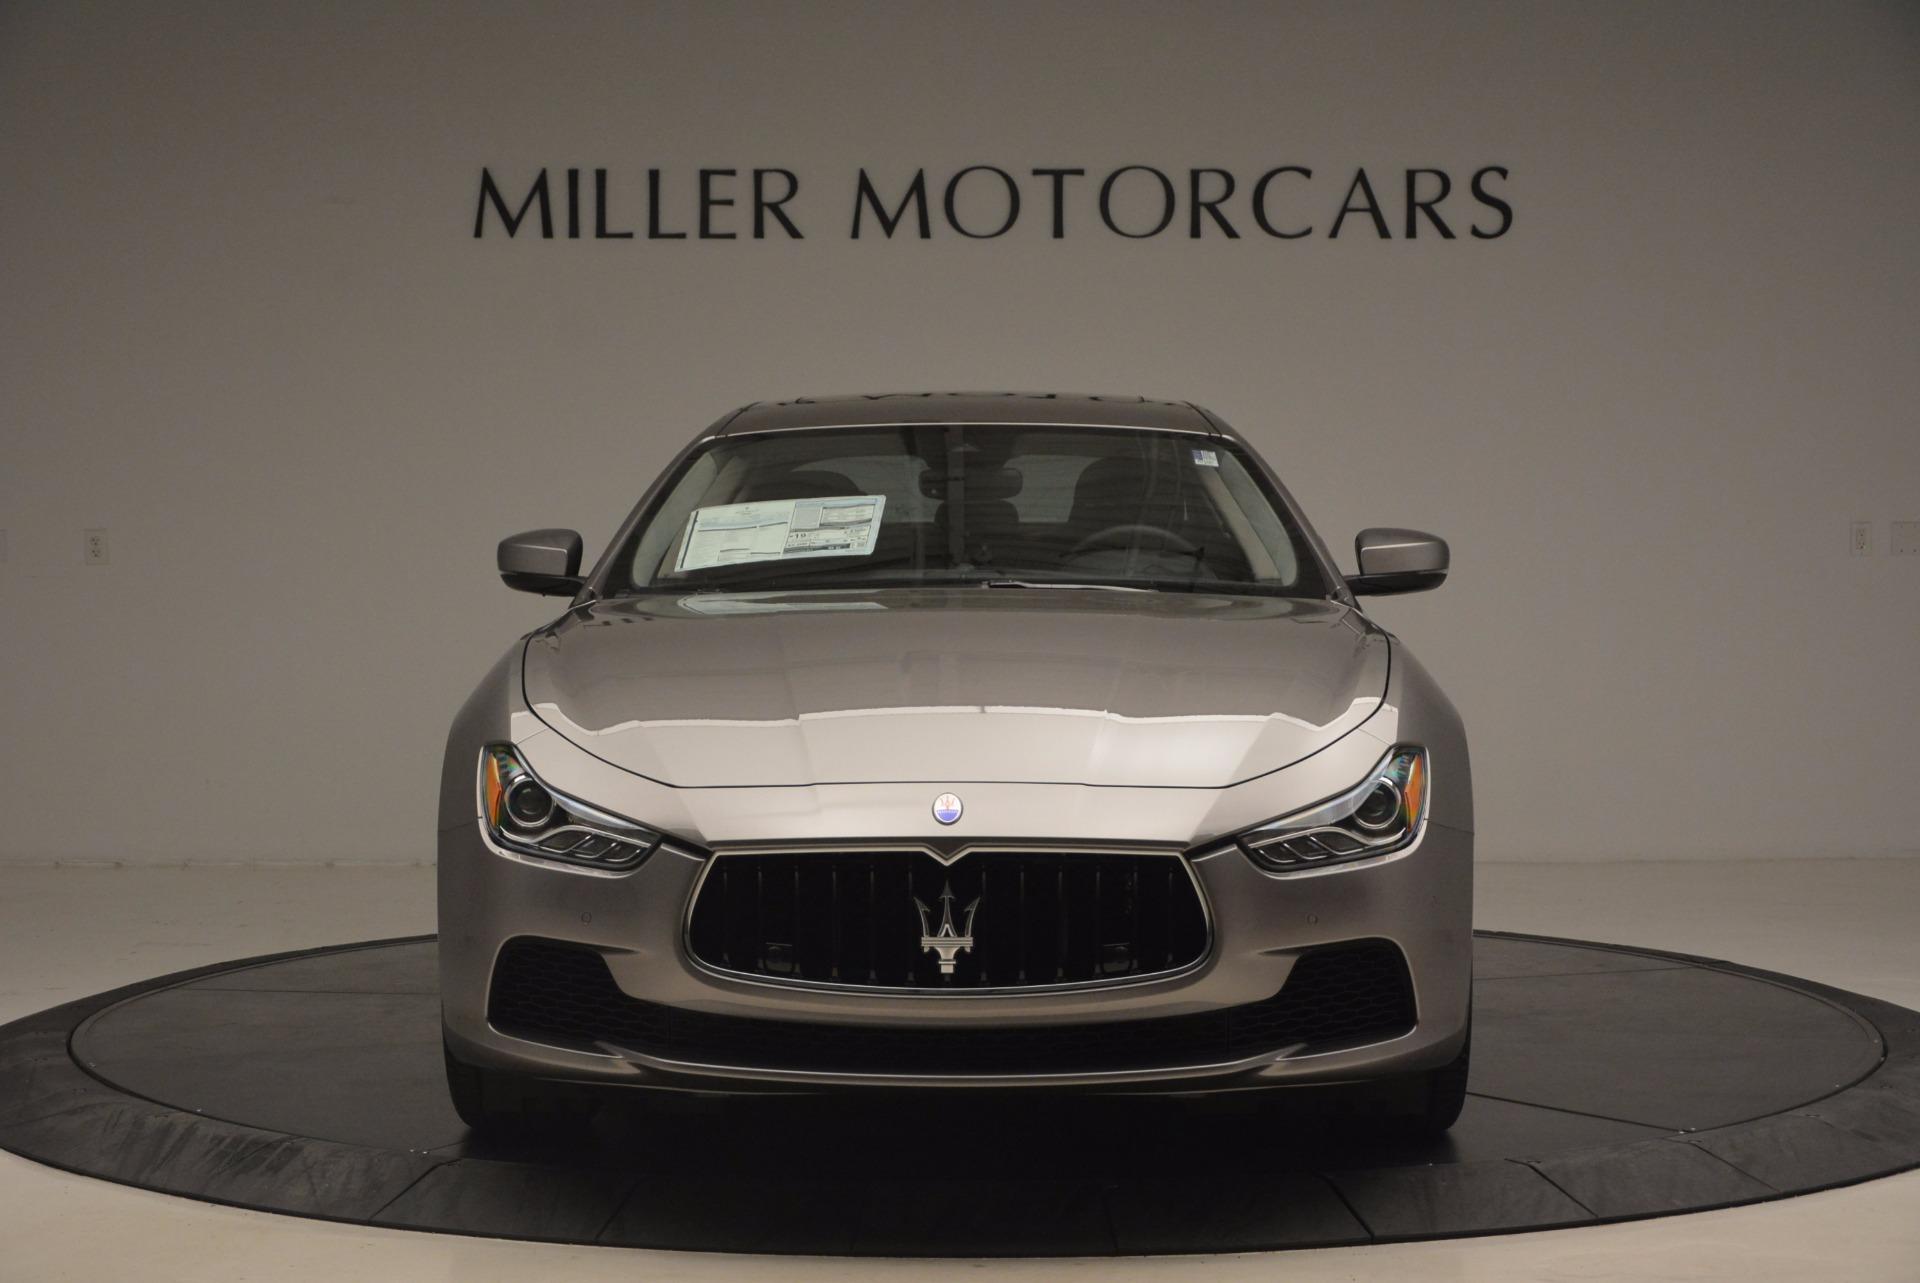 New 2017 Maserati Ghibli SQ4 For Sale In Greenwich, CT 1109_p12